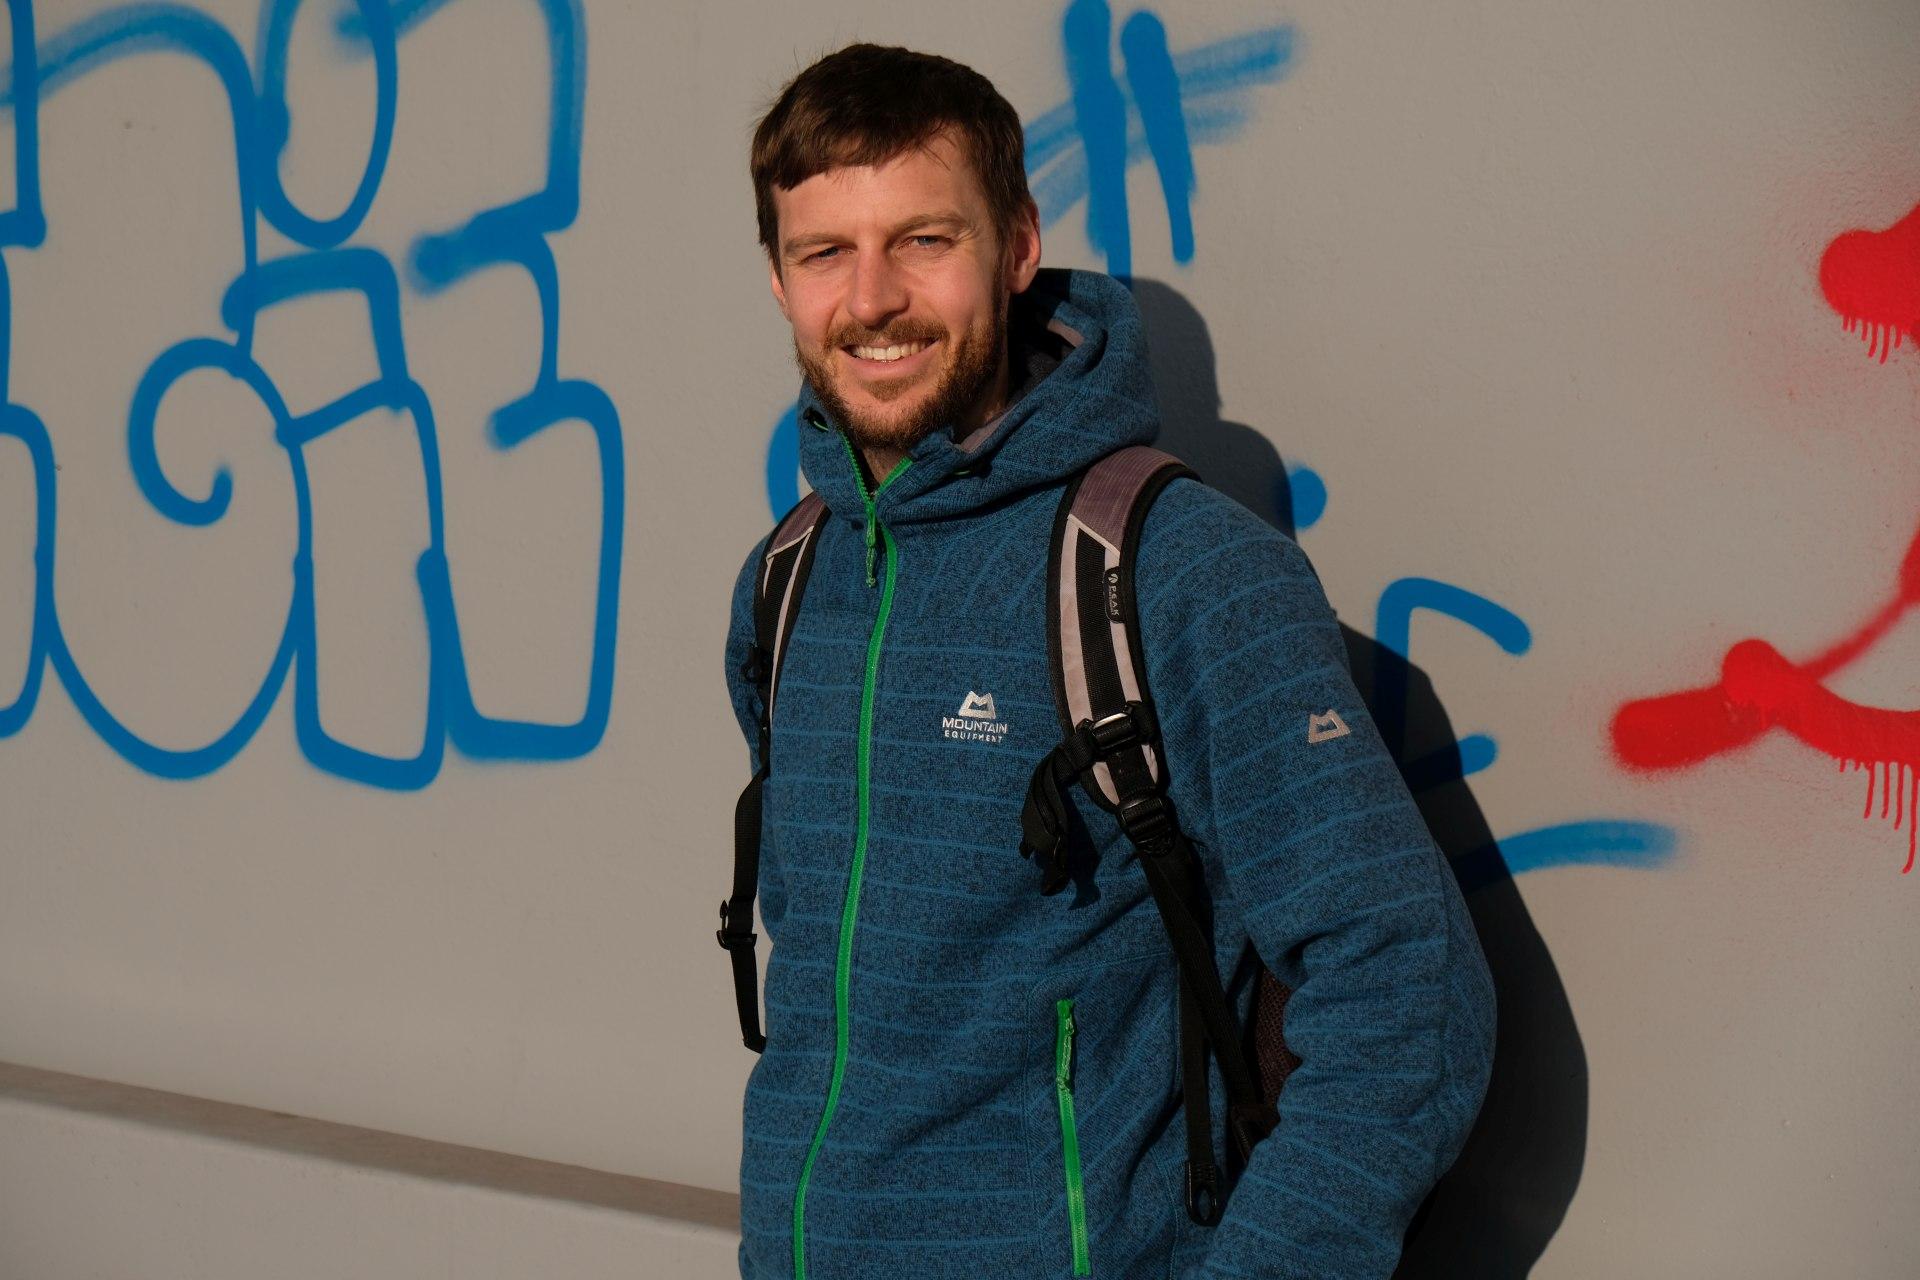 Sebastian vor einer mit Graffiti besprühten Mauer